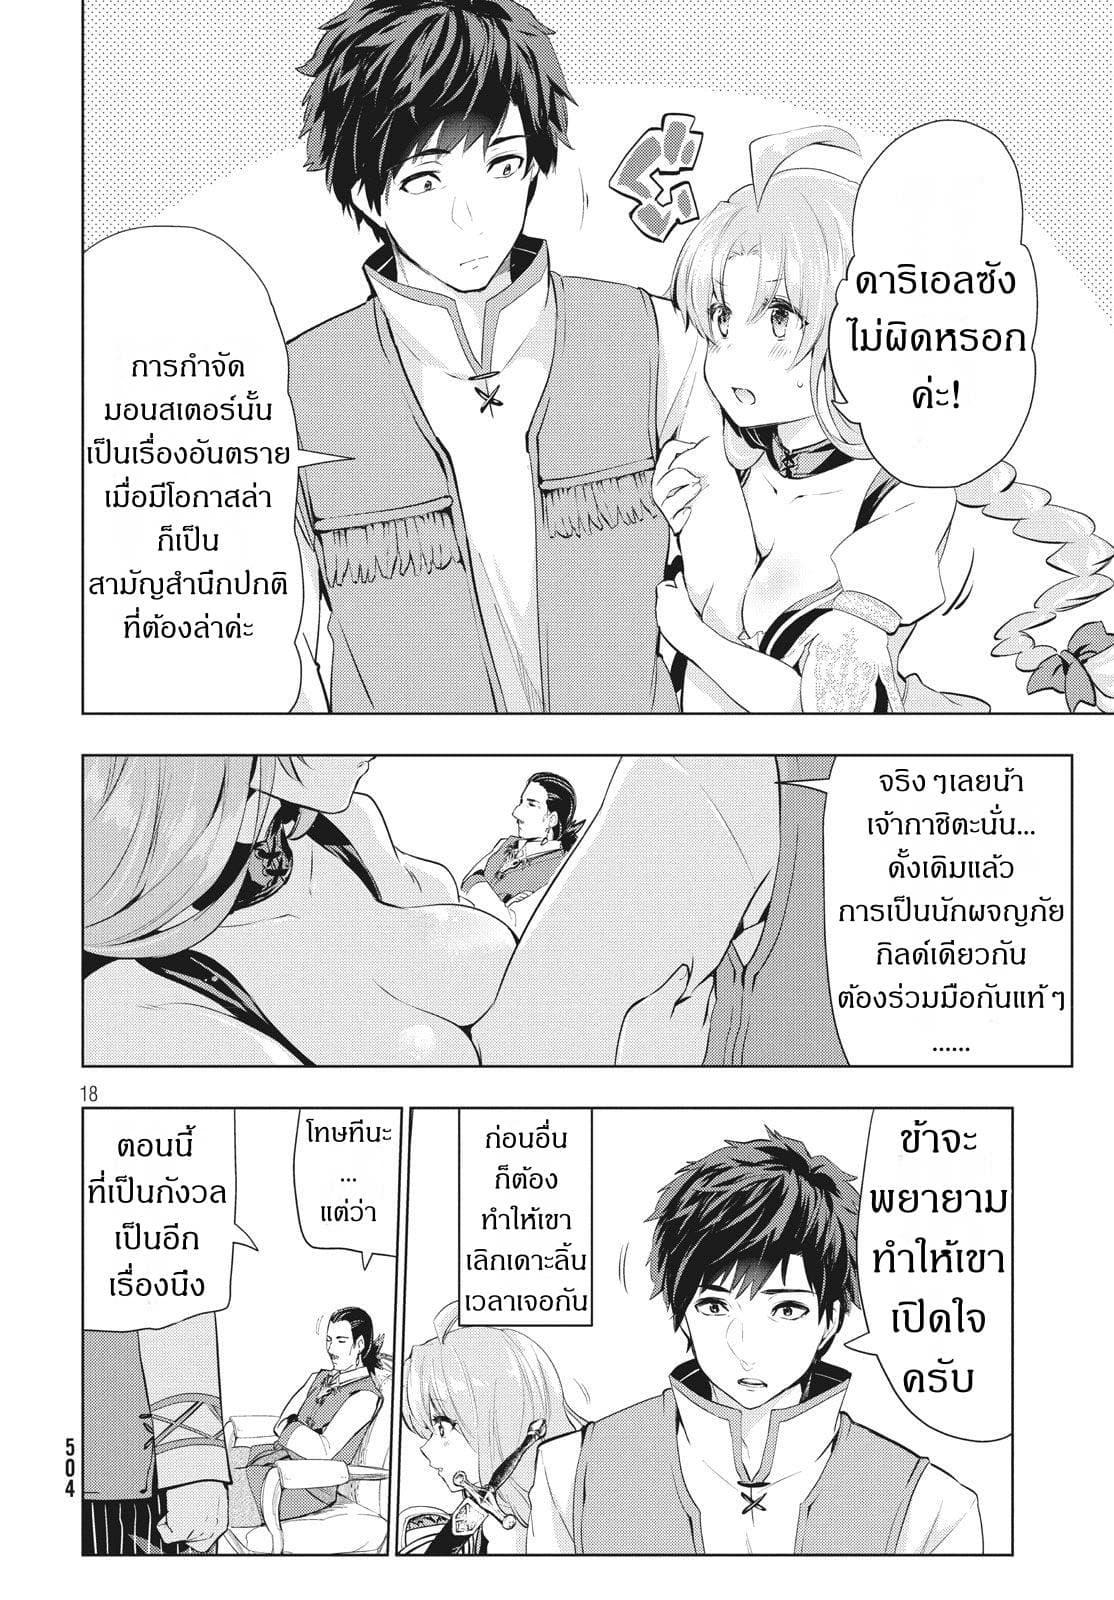 อ่านการ์ตูน Kaiko sareta Ankoku Heishi (30-dai) no Slow na Second ตอนที่ 3.4 หน้าที่ 4